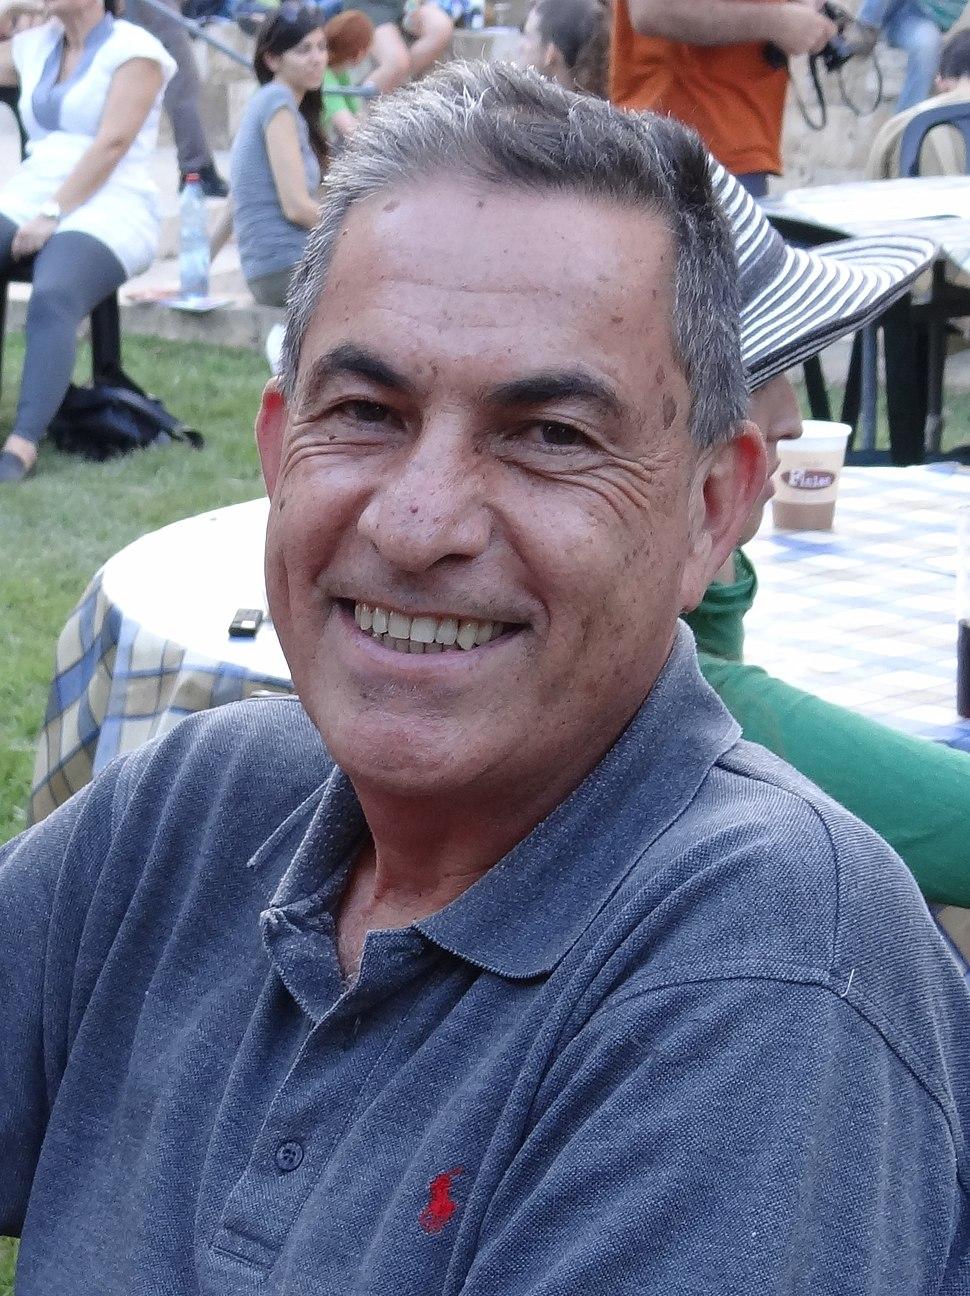 פסטיבל עכו, 2011